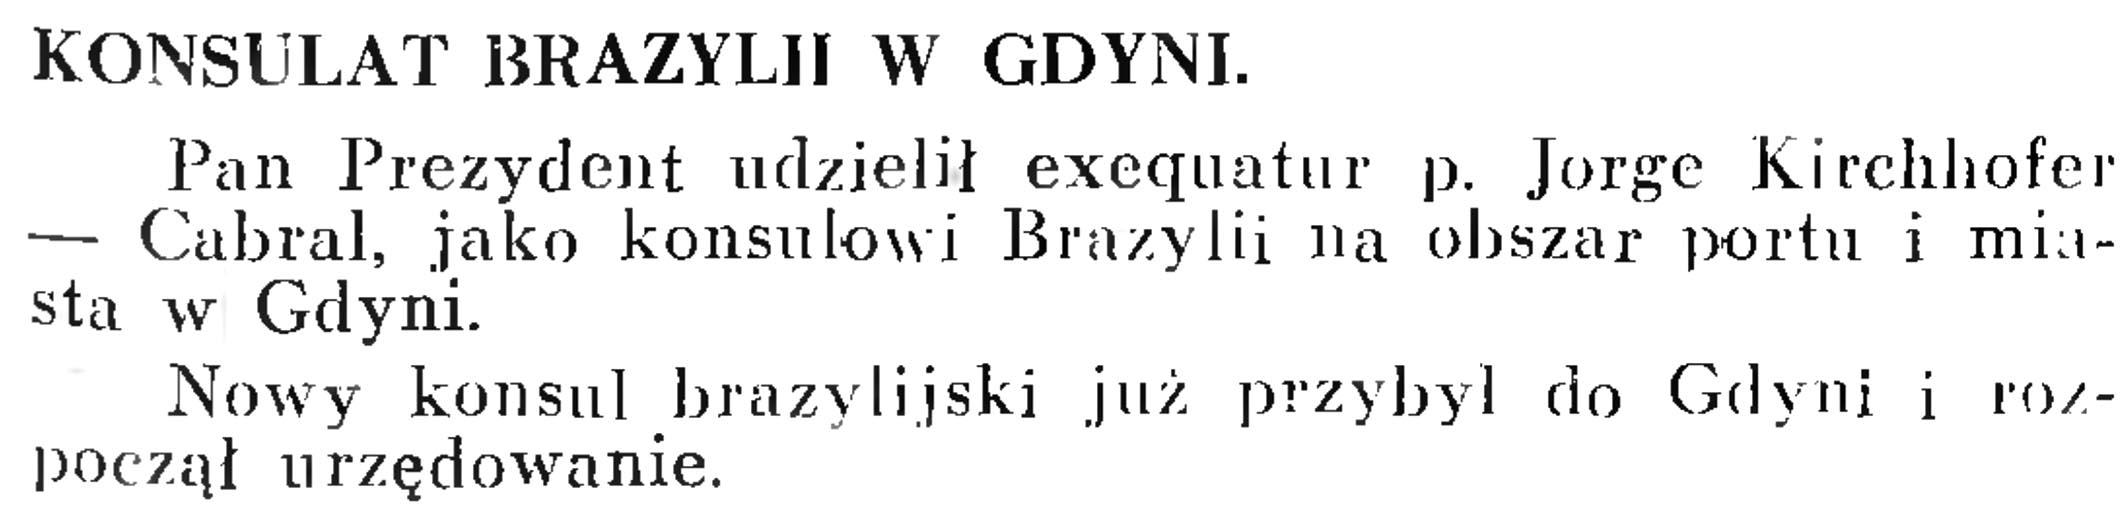 Konsulat Brazylji w Gdyni // Wiadomości Portowe. - 1939, nr 3, s. 17